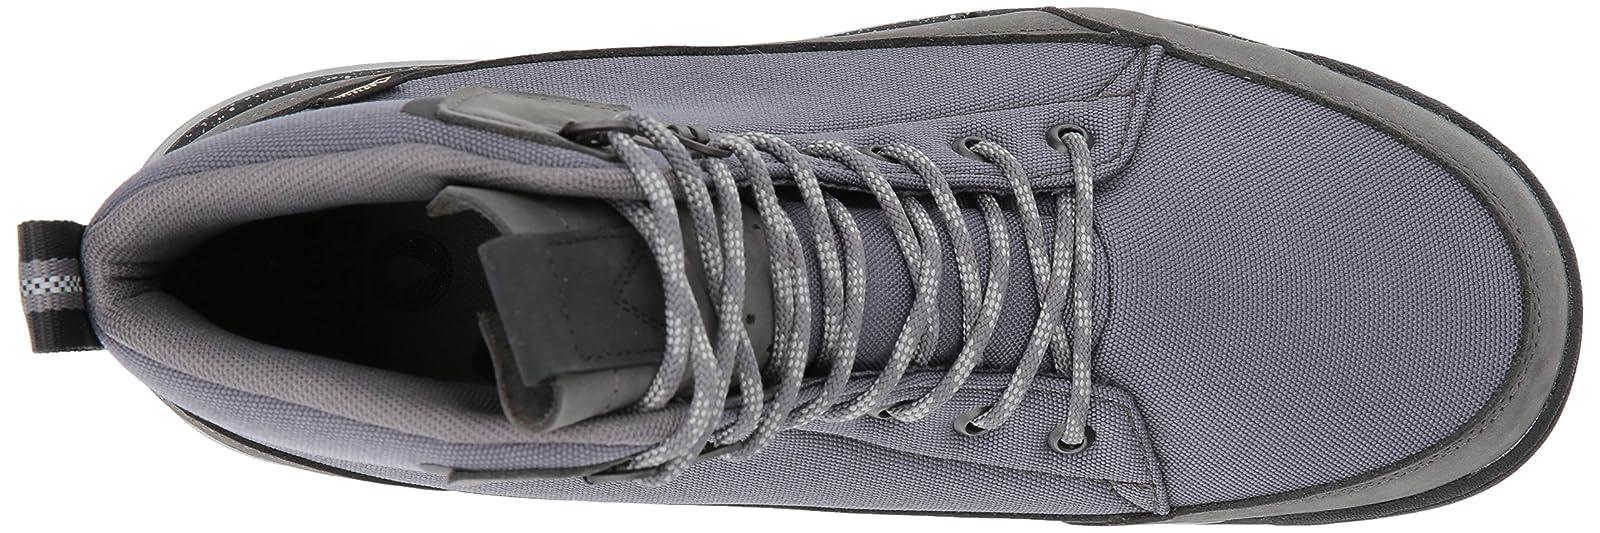 Volcom Men's Roughington Gtx Winter Boot V4031603 - 8